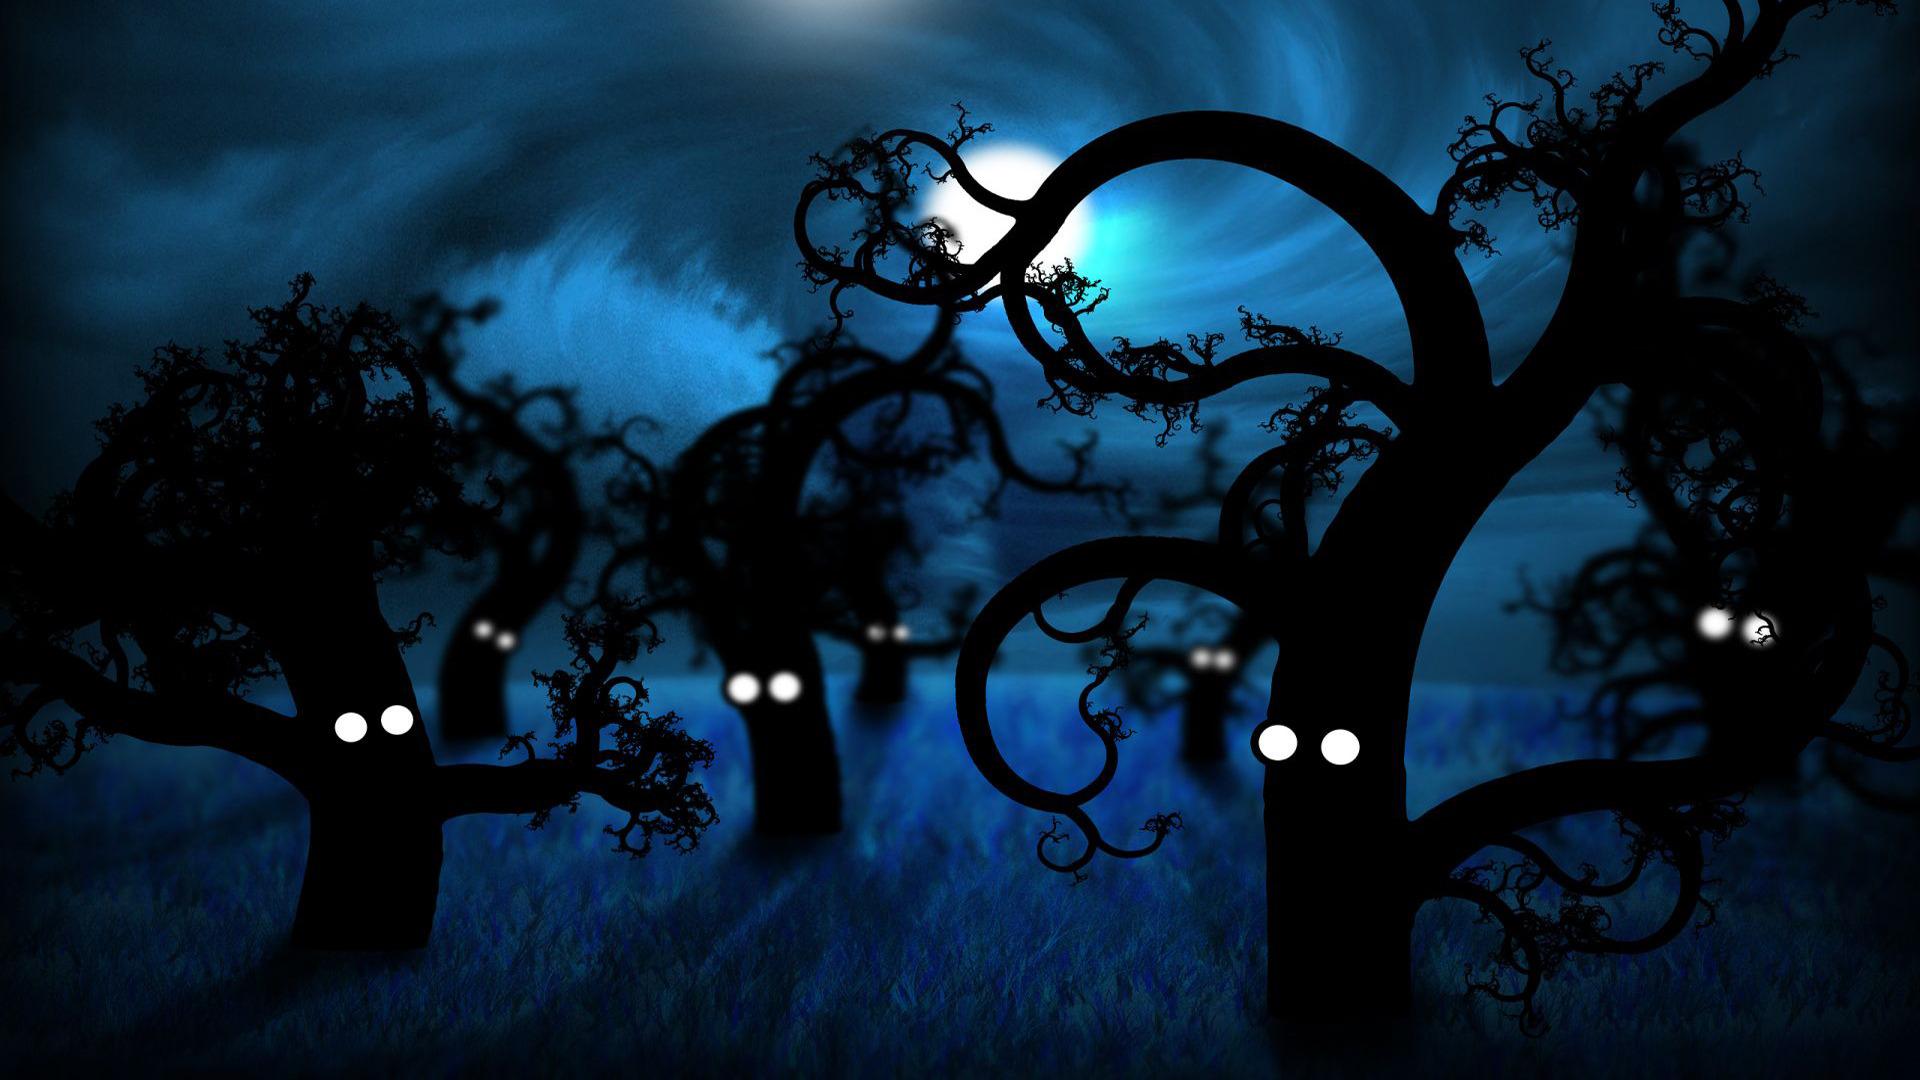 Spooky Wallpaper 1920x1080 57871